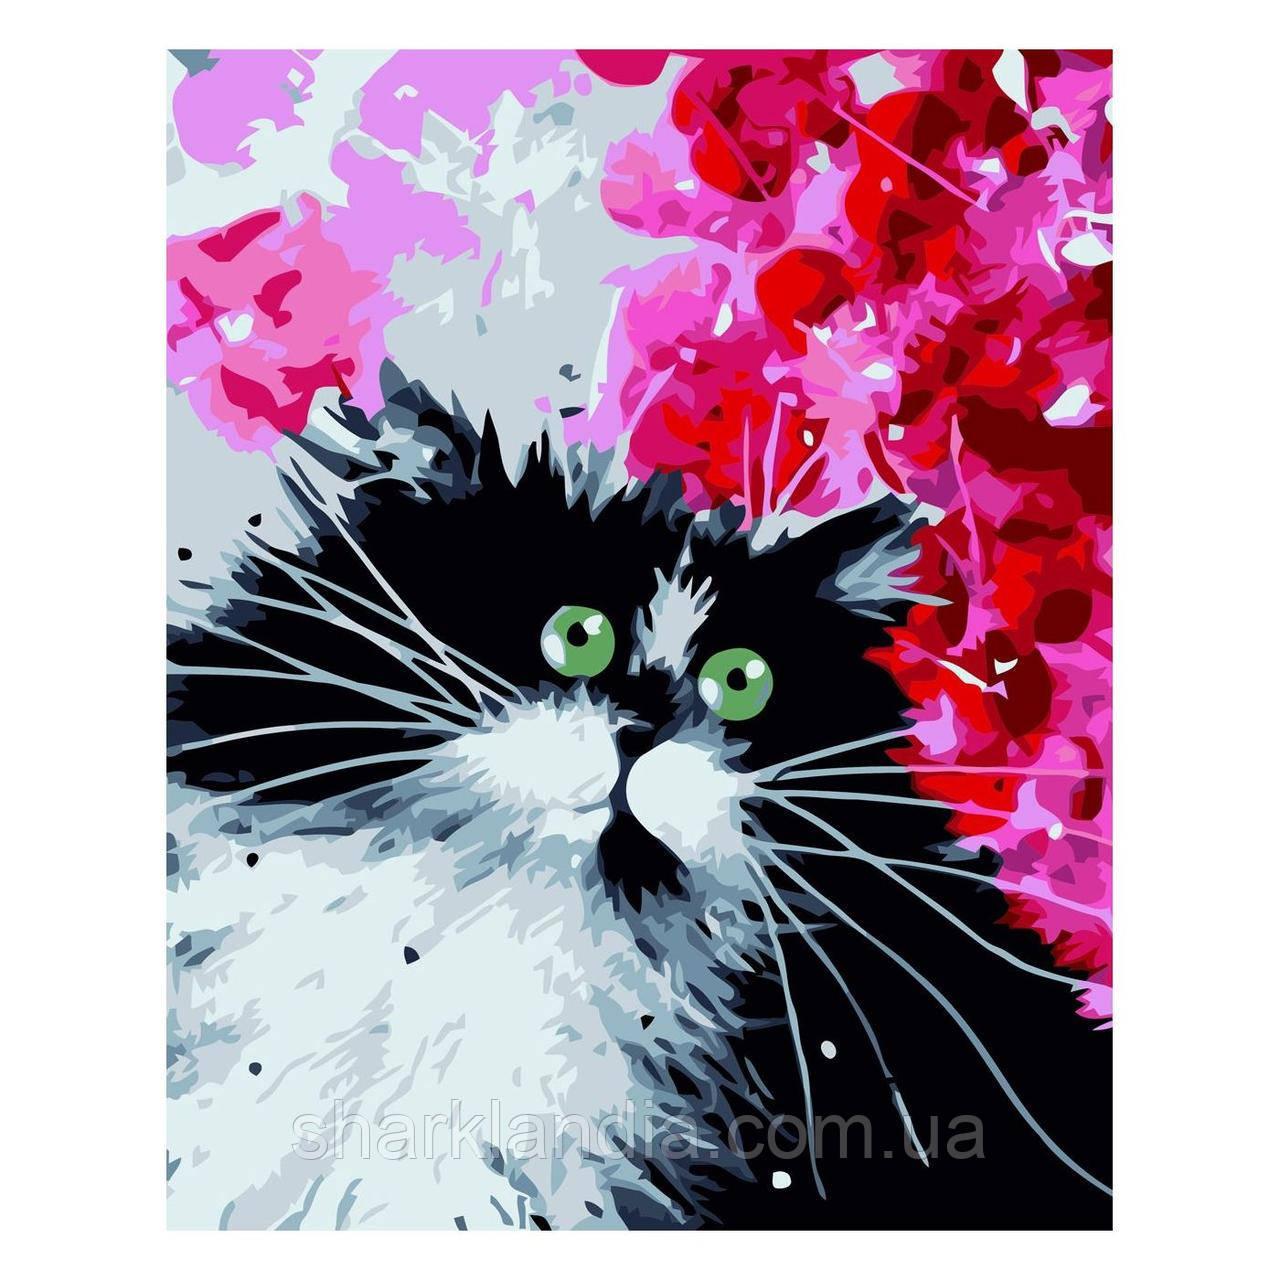 Картина за номерами Чорно-білий котик 30х40 см Strateg Розмальовки